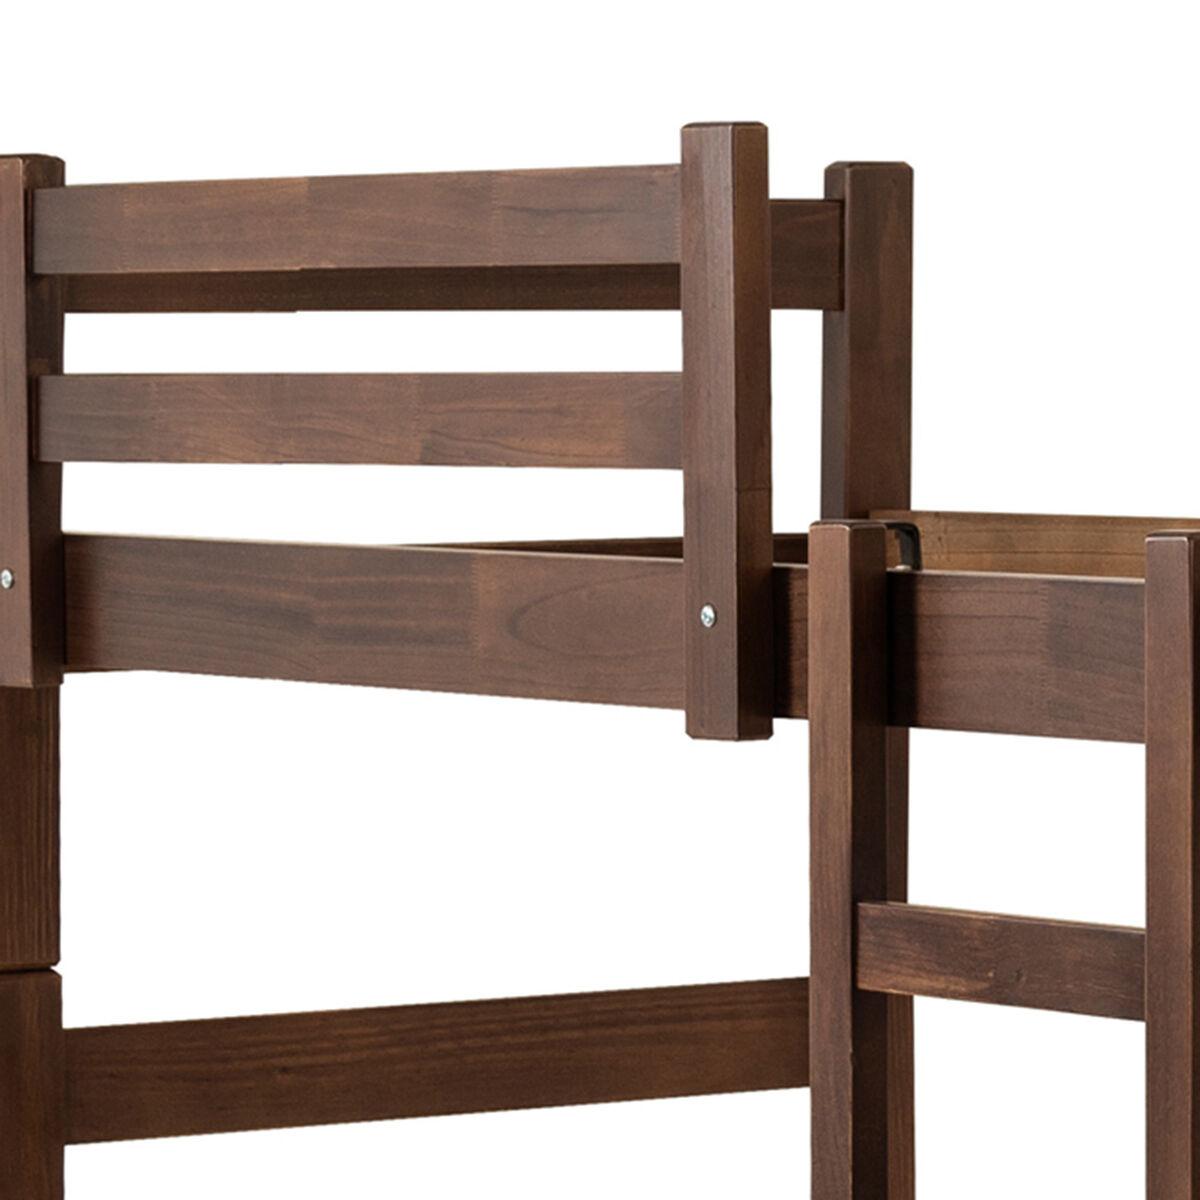 Camarote Litera de madera California 80 cm Especial